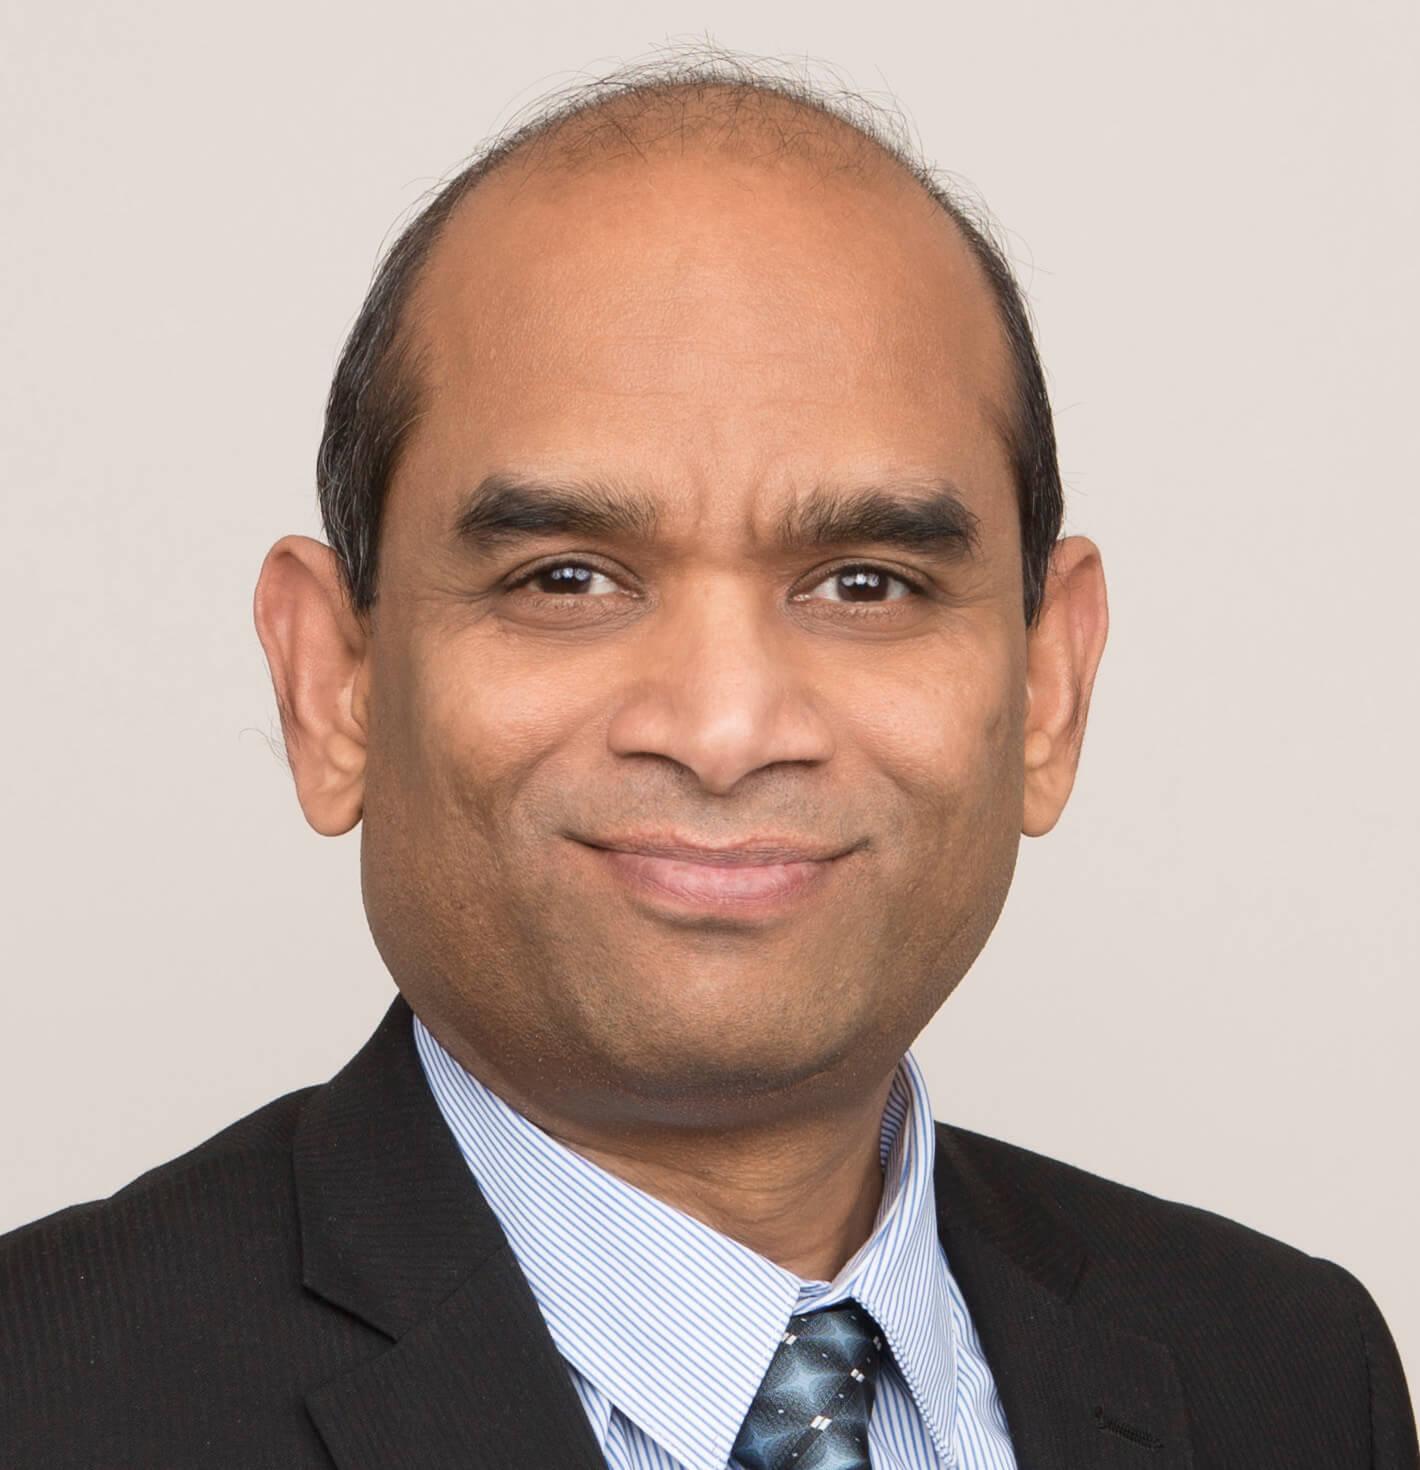 Dr. Prakeshkumar Shah, FRCPC